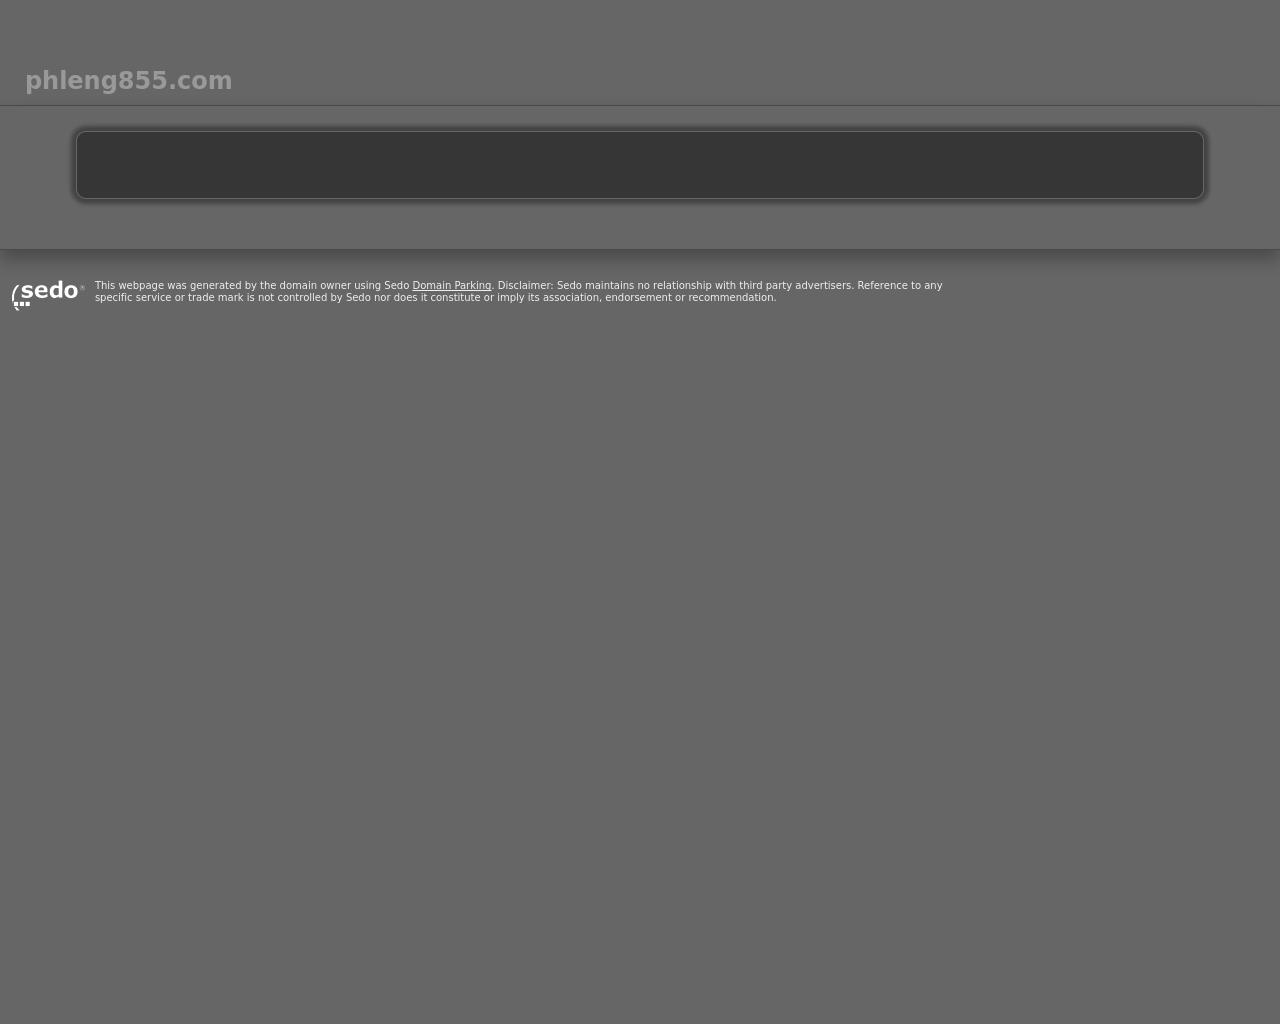 Phleng855-Advertising-Reviews-Pricing